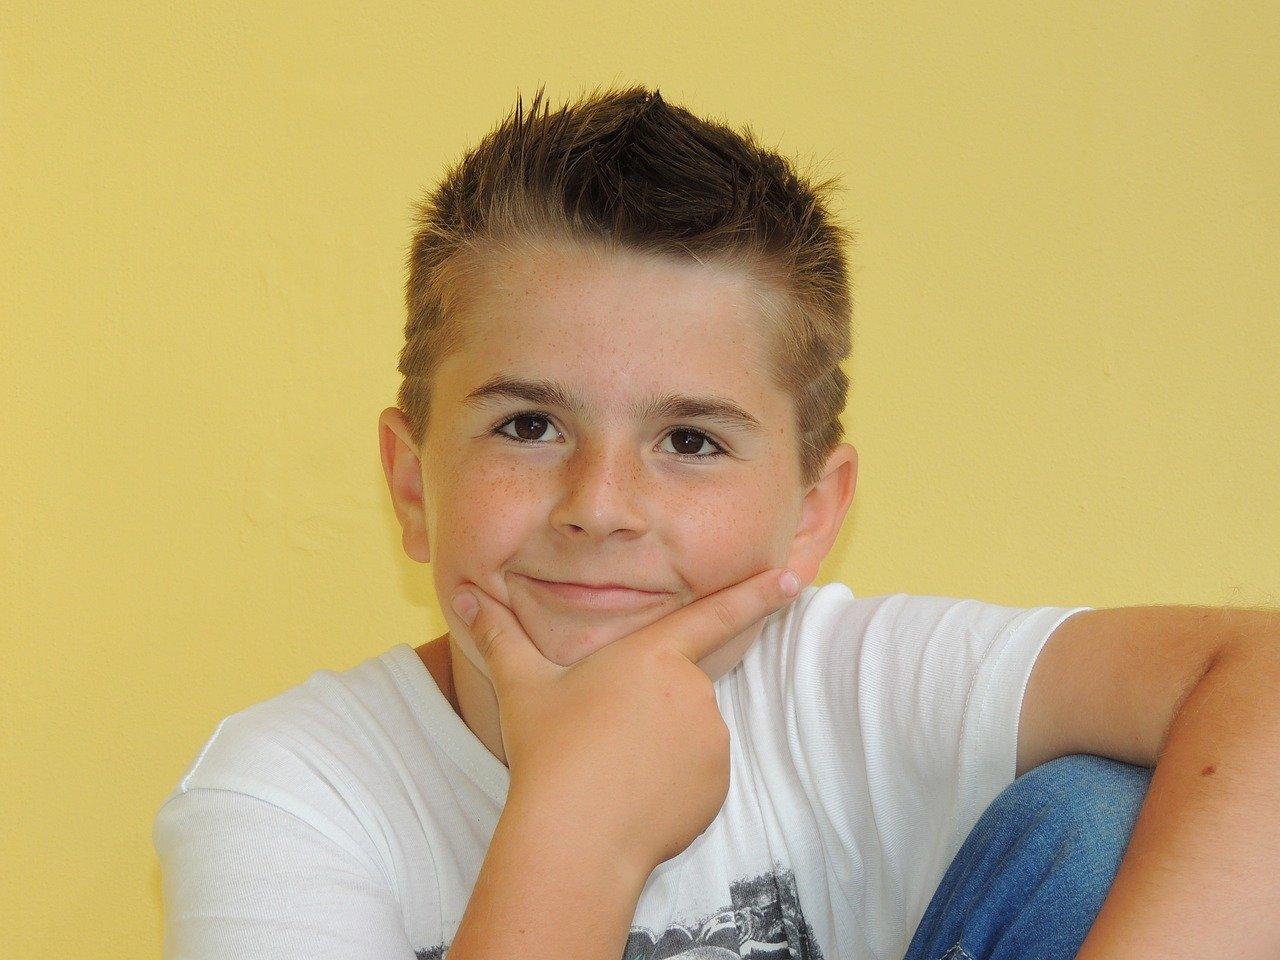 Признаки переходного возраста у мальчиков